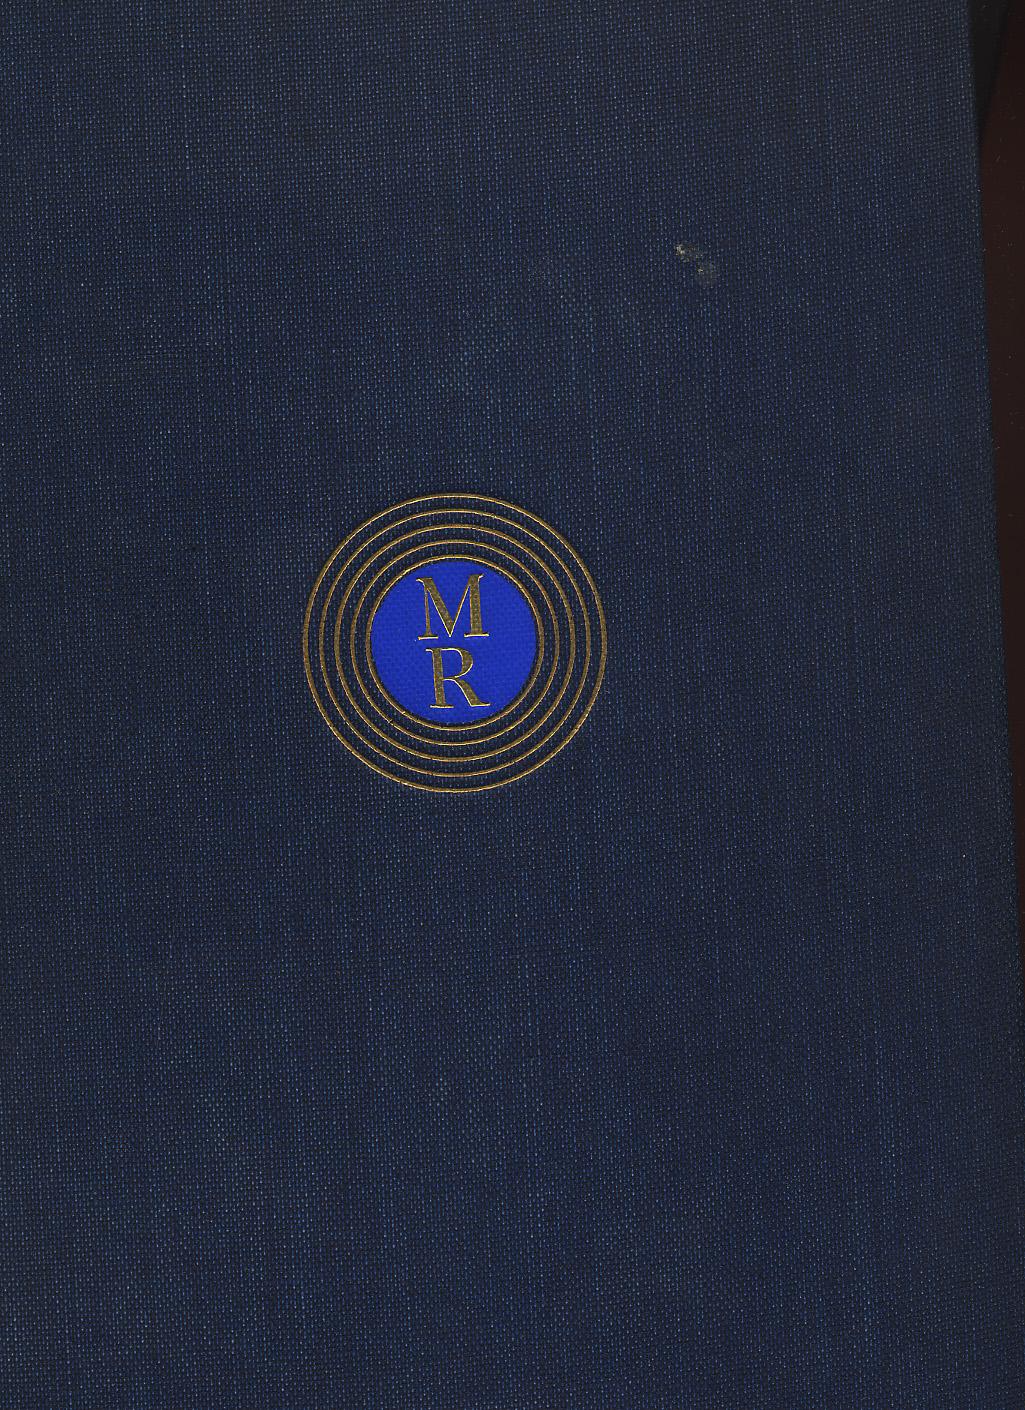 Enciclopedia Garzanti - Vol. IV